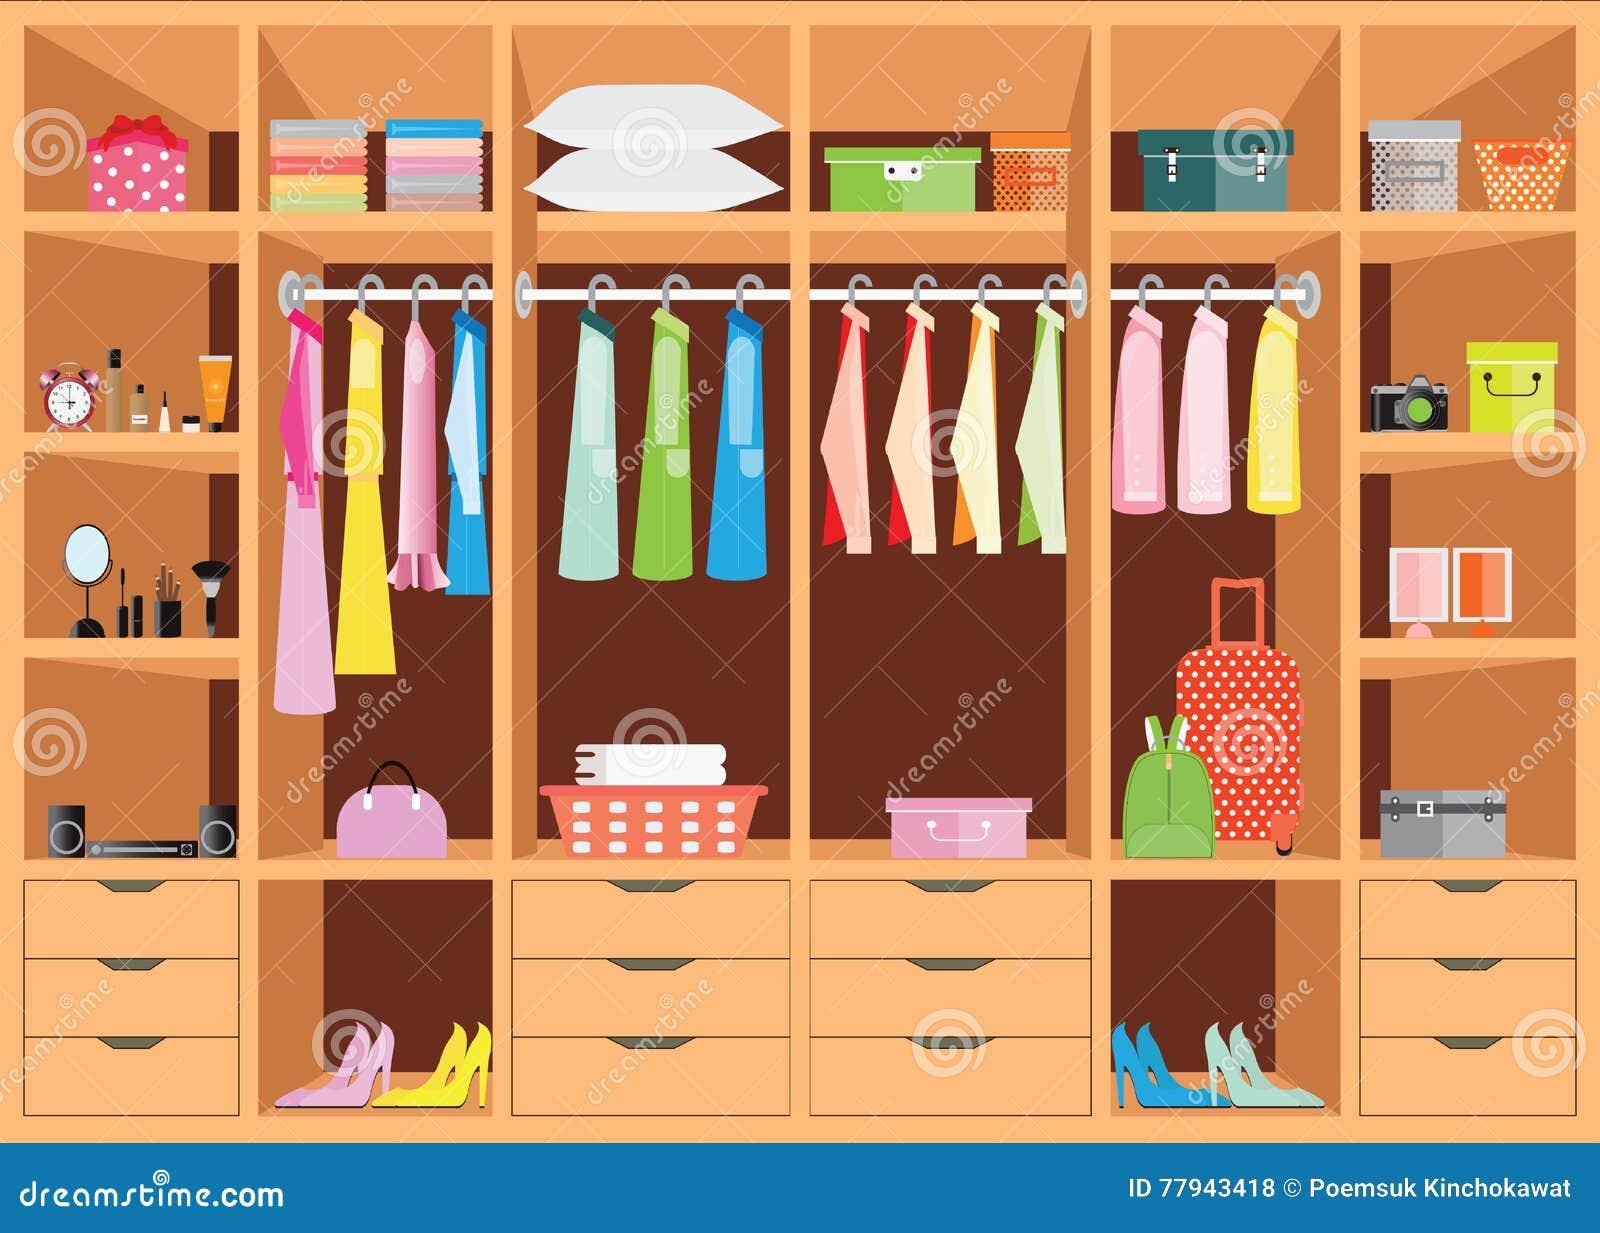 Bedroom Interior Design With Wardrobe